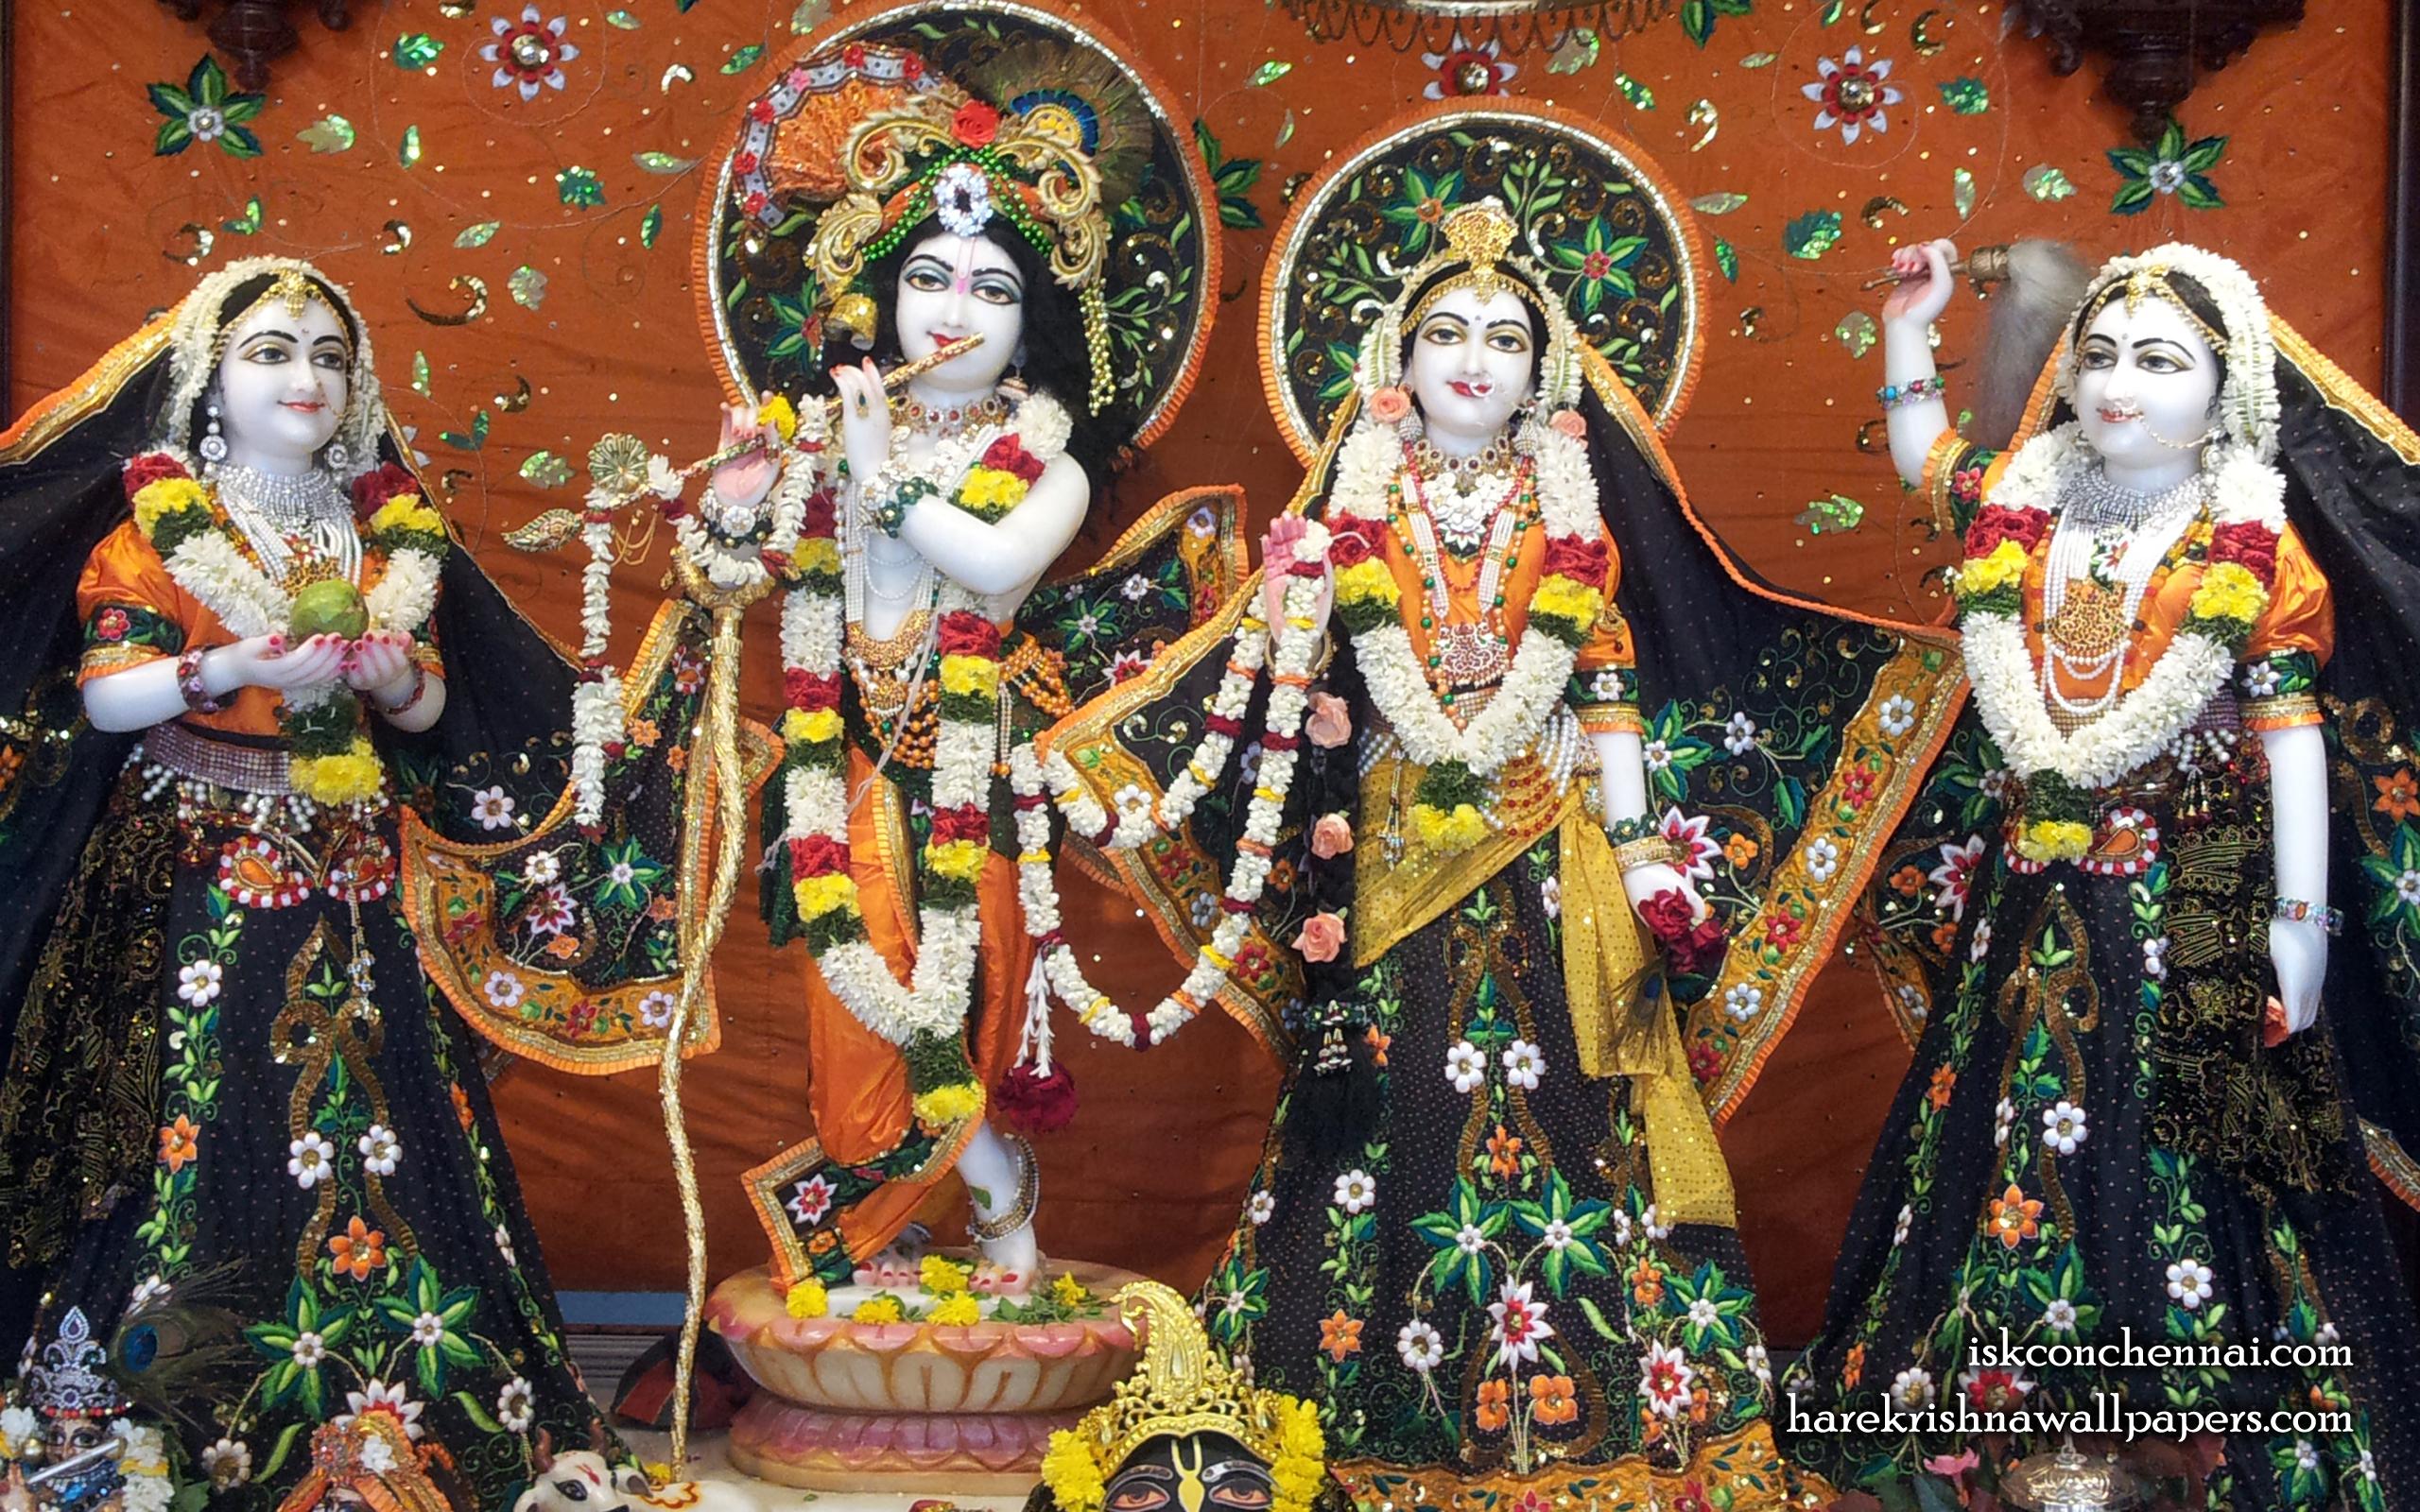 Sri Sri Radha Krishna Lalita Vishakha Wallpaper (003) Size 2560x1600 Download